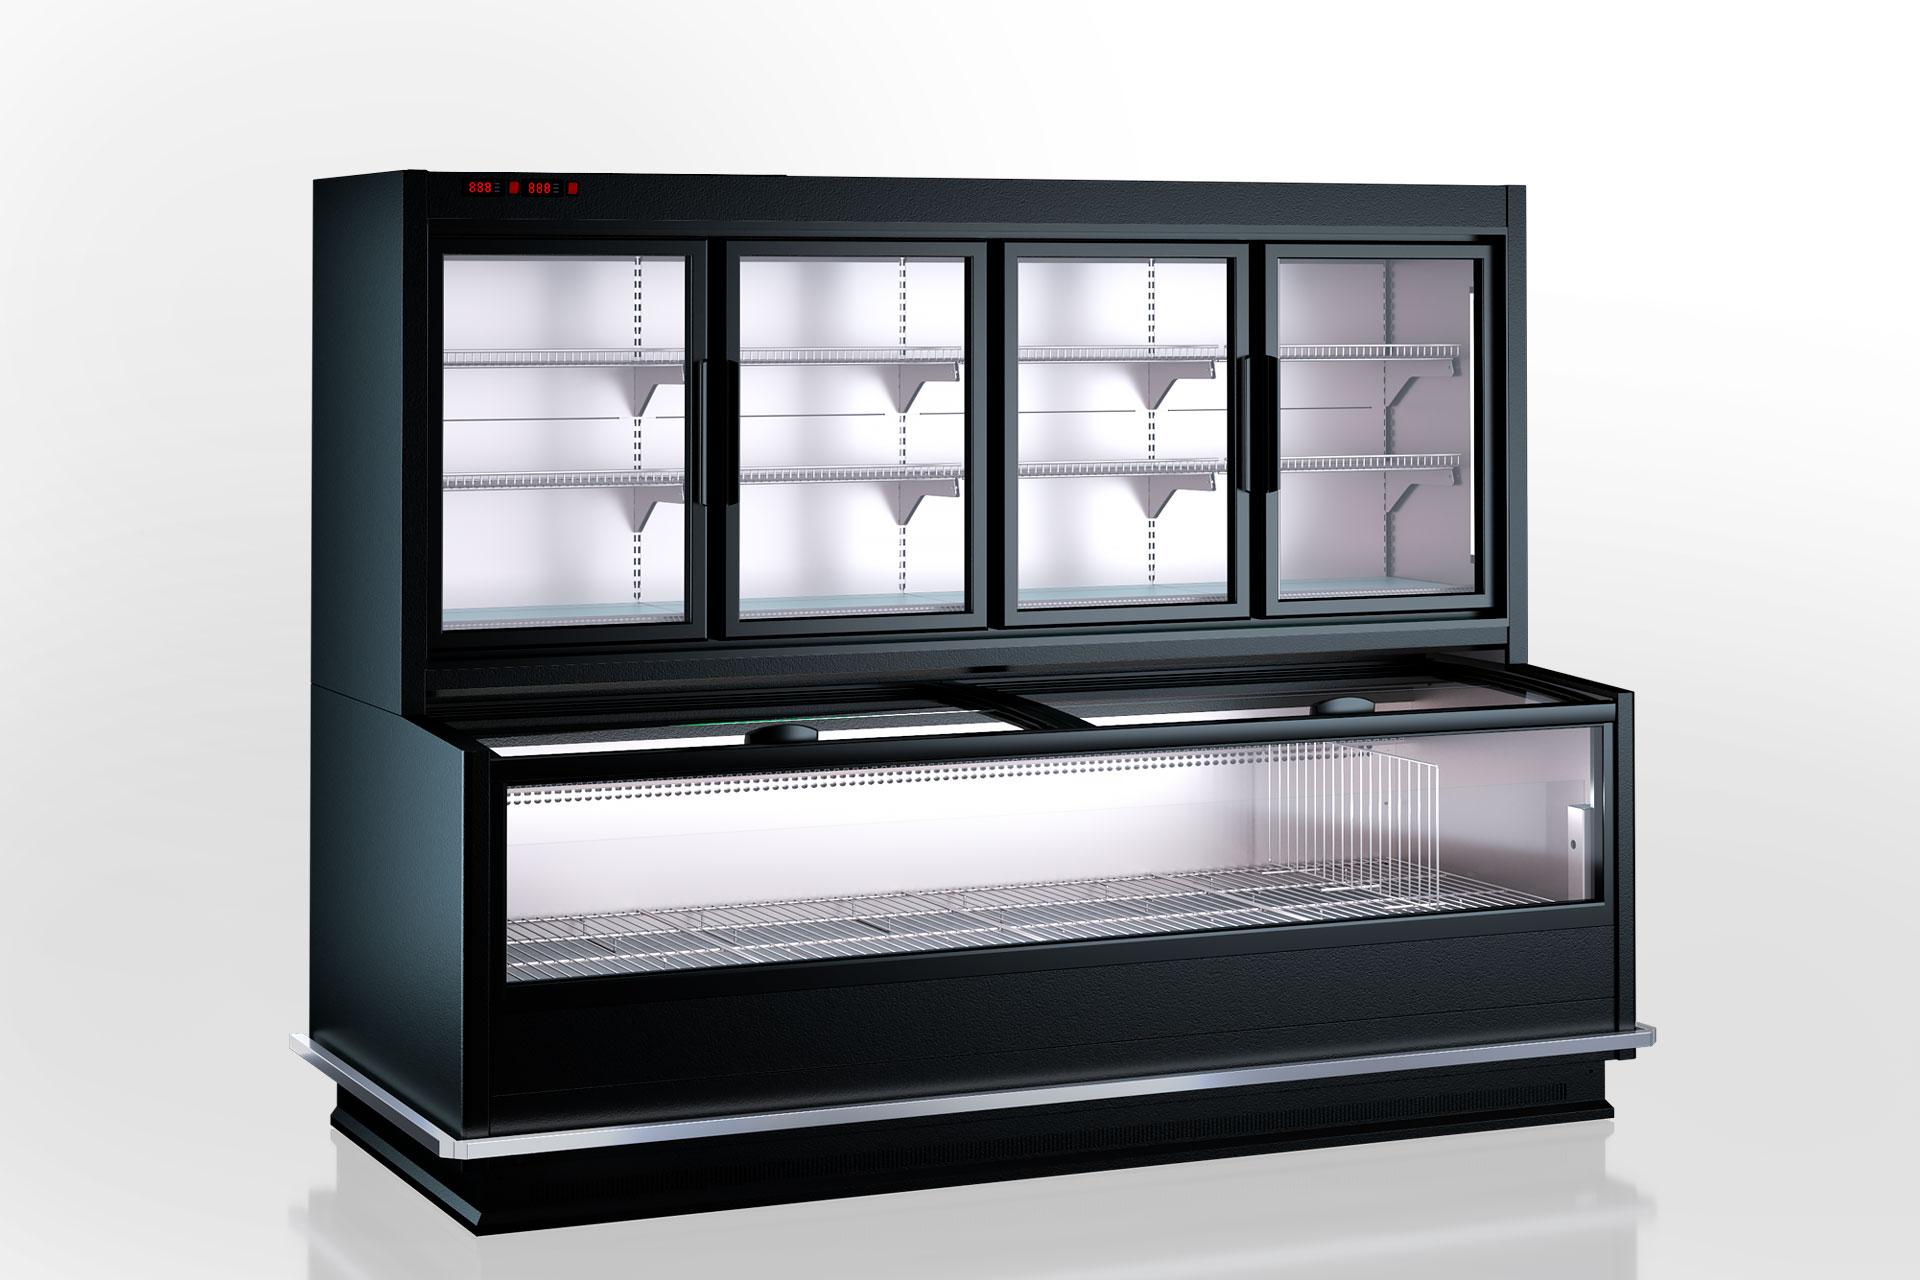 Витрины для замороженных продуктов Alaska combi MHV 110 LT D/C 200-DLM